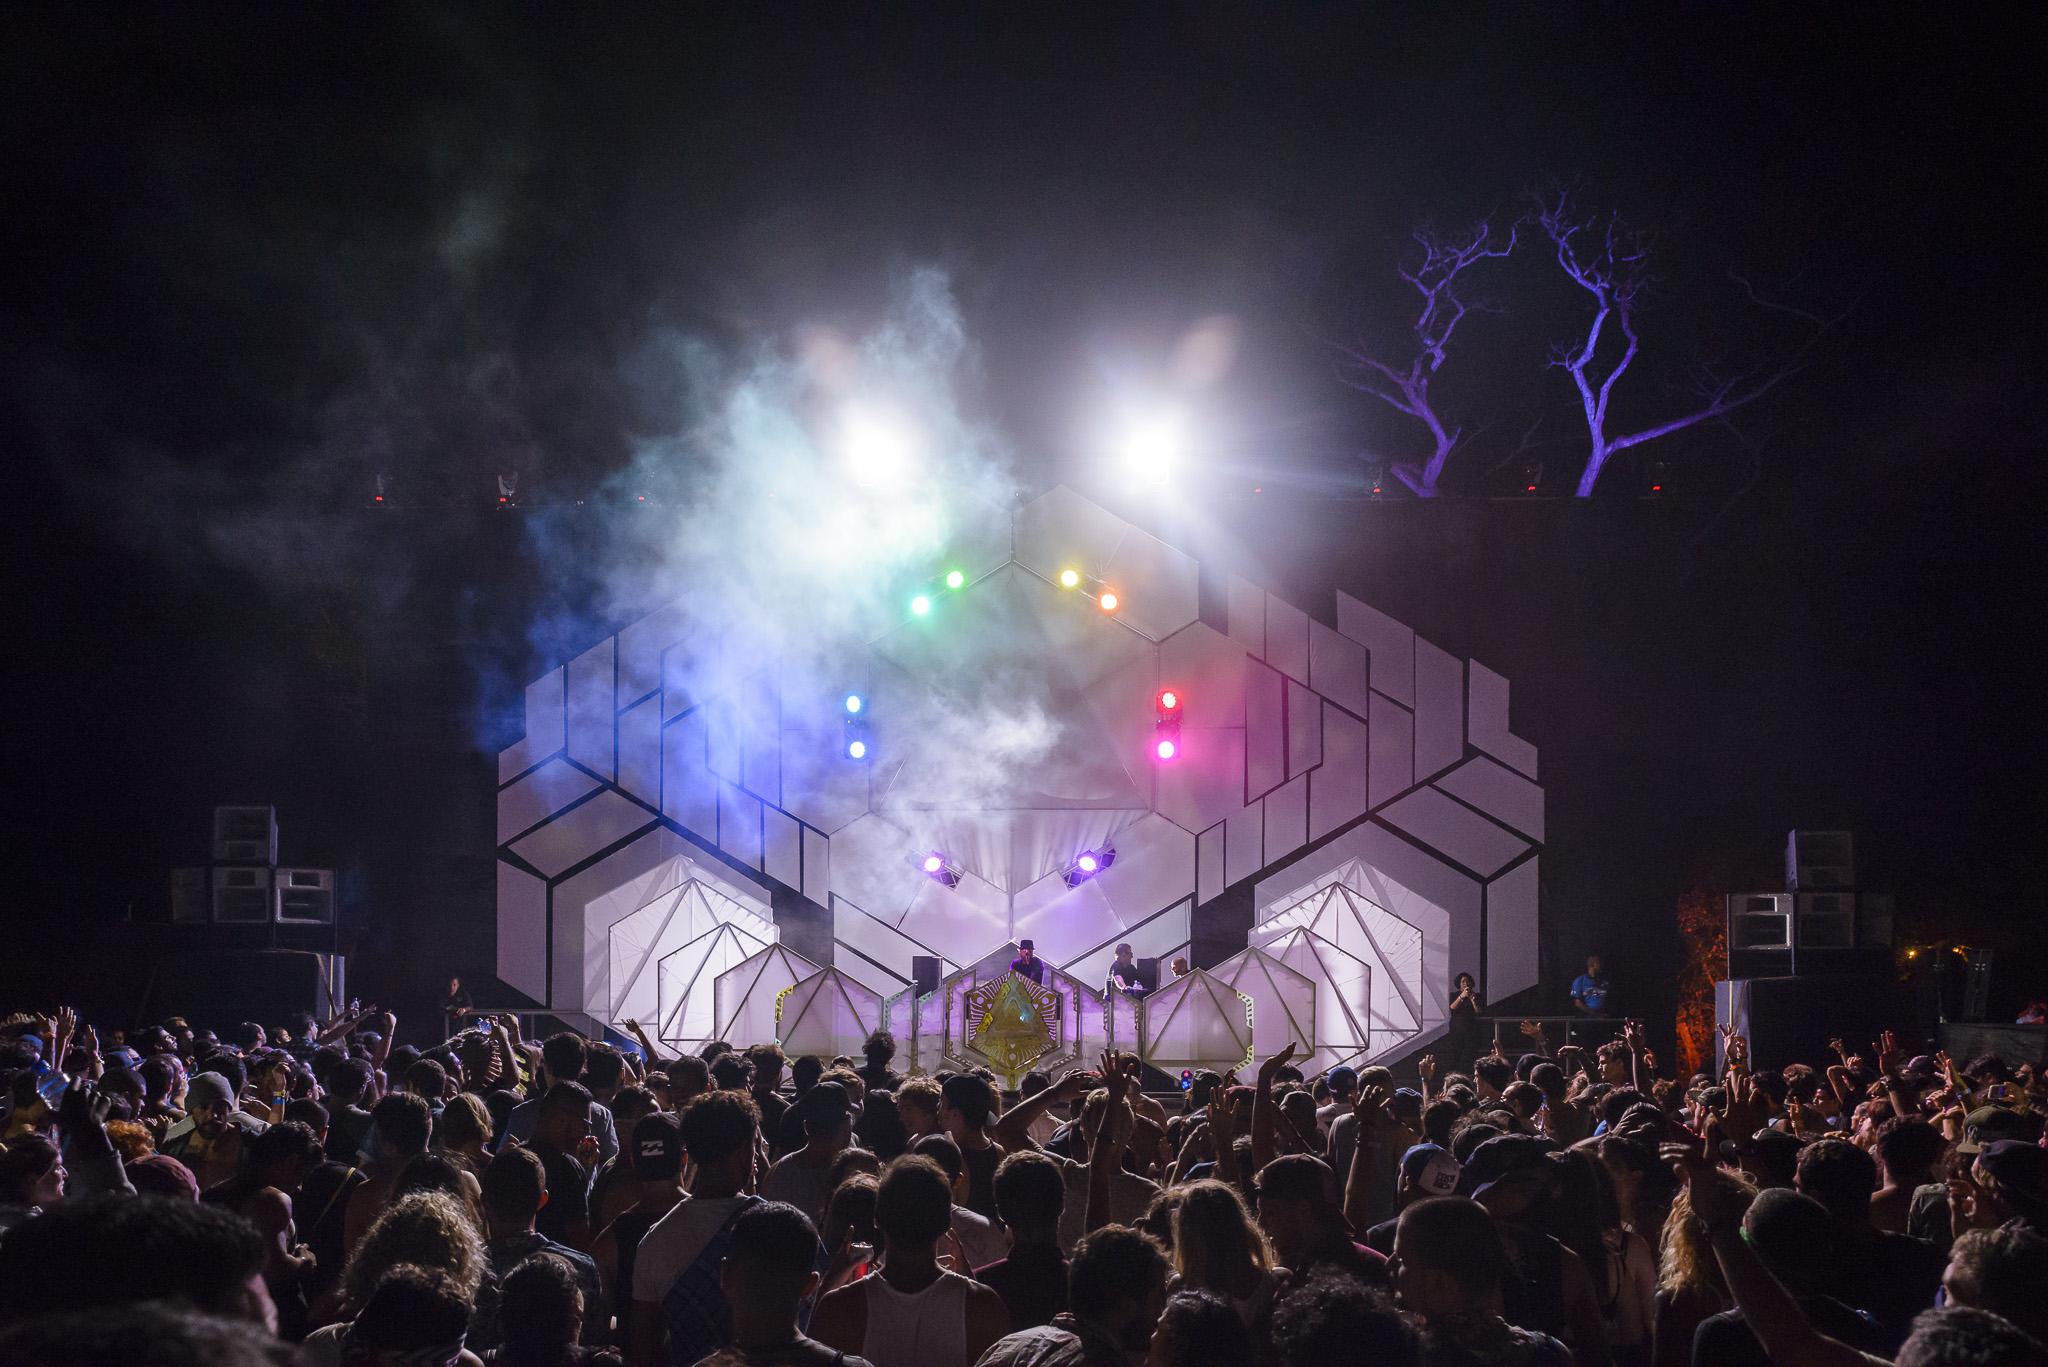 Ocaso Music Festival - Central American Festivals 2020